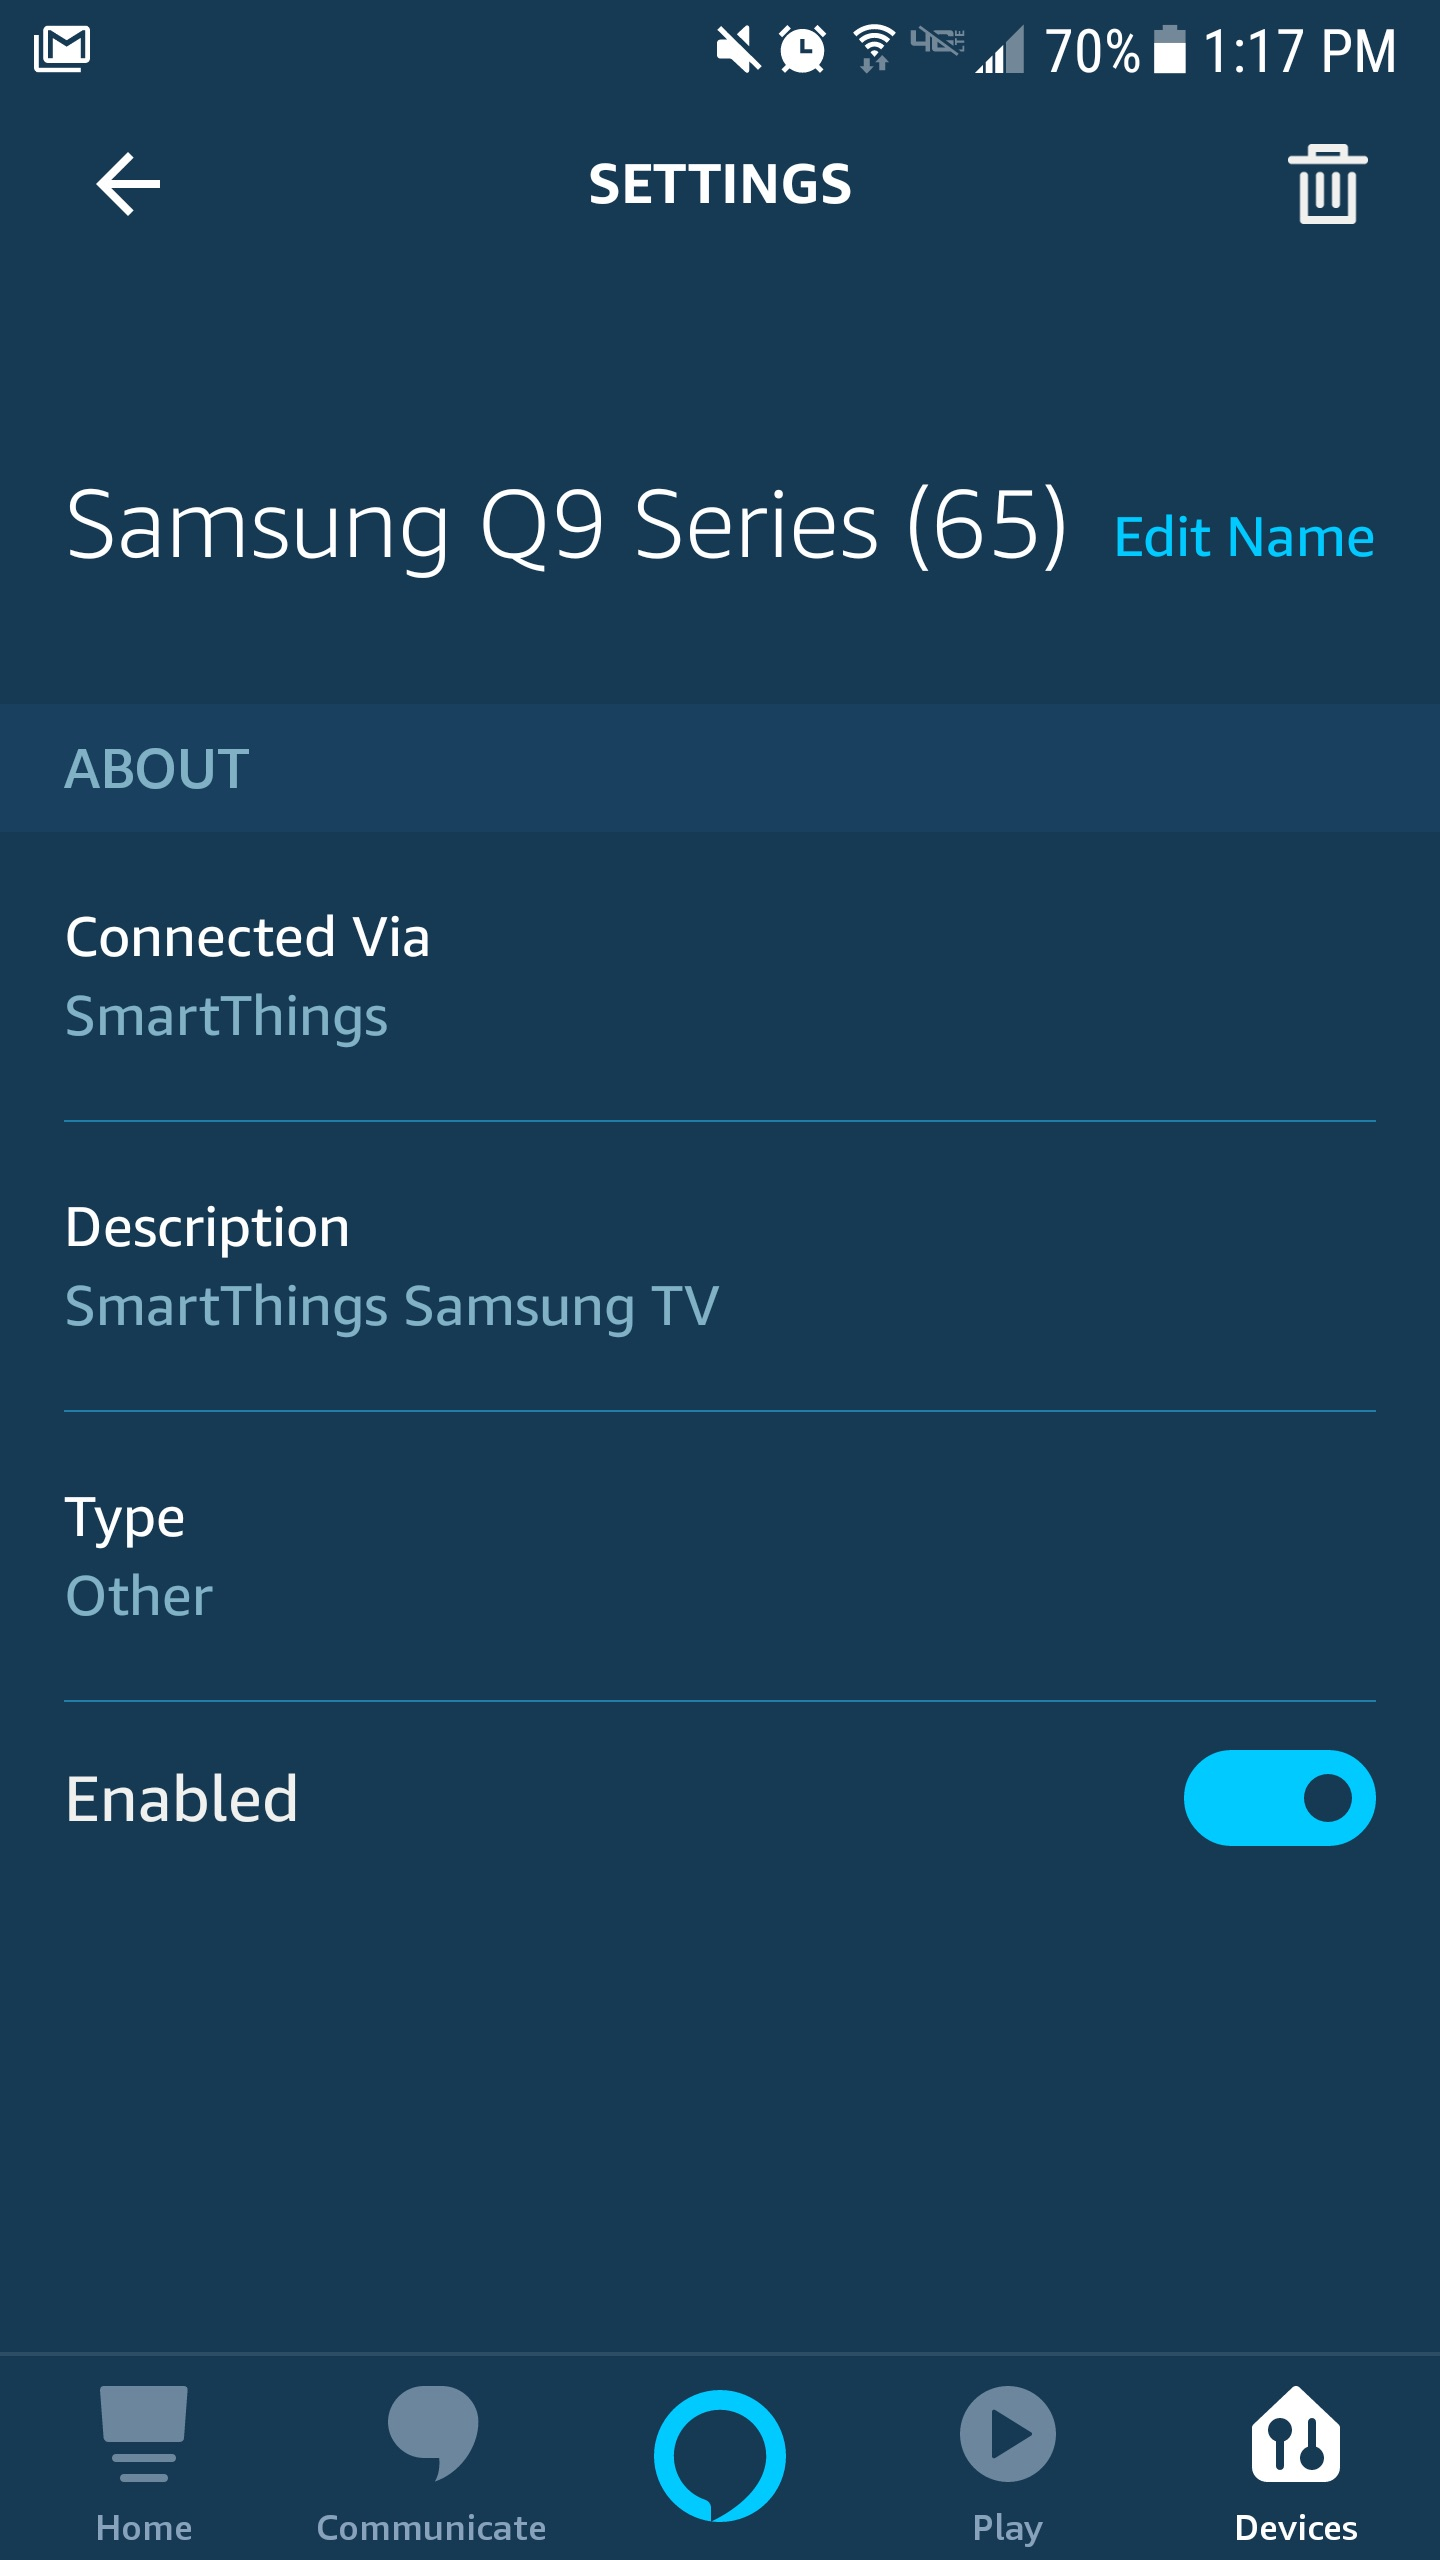 Conecte Samsung TV a Alexa - menú del dispositivo de la aplicación Amazon Alexa